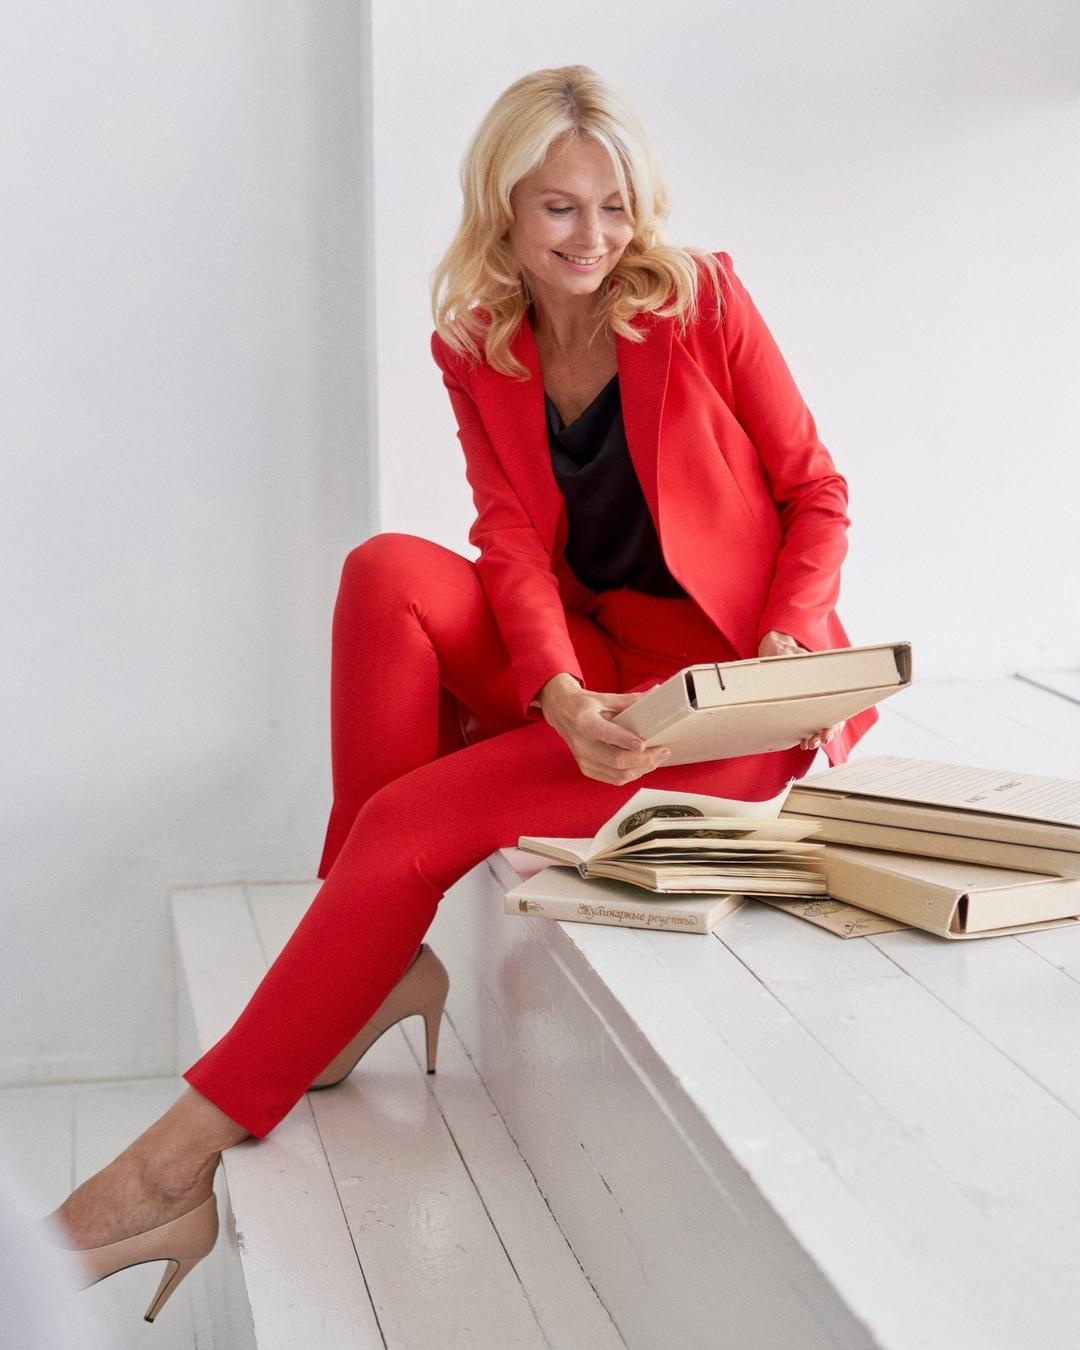 модный женский брючный костюм украинский бренд осень 2021 красный